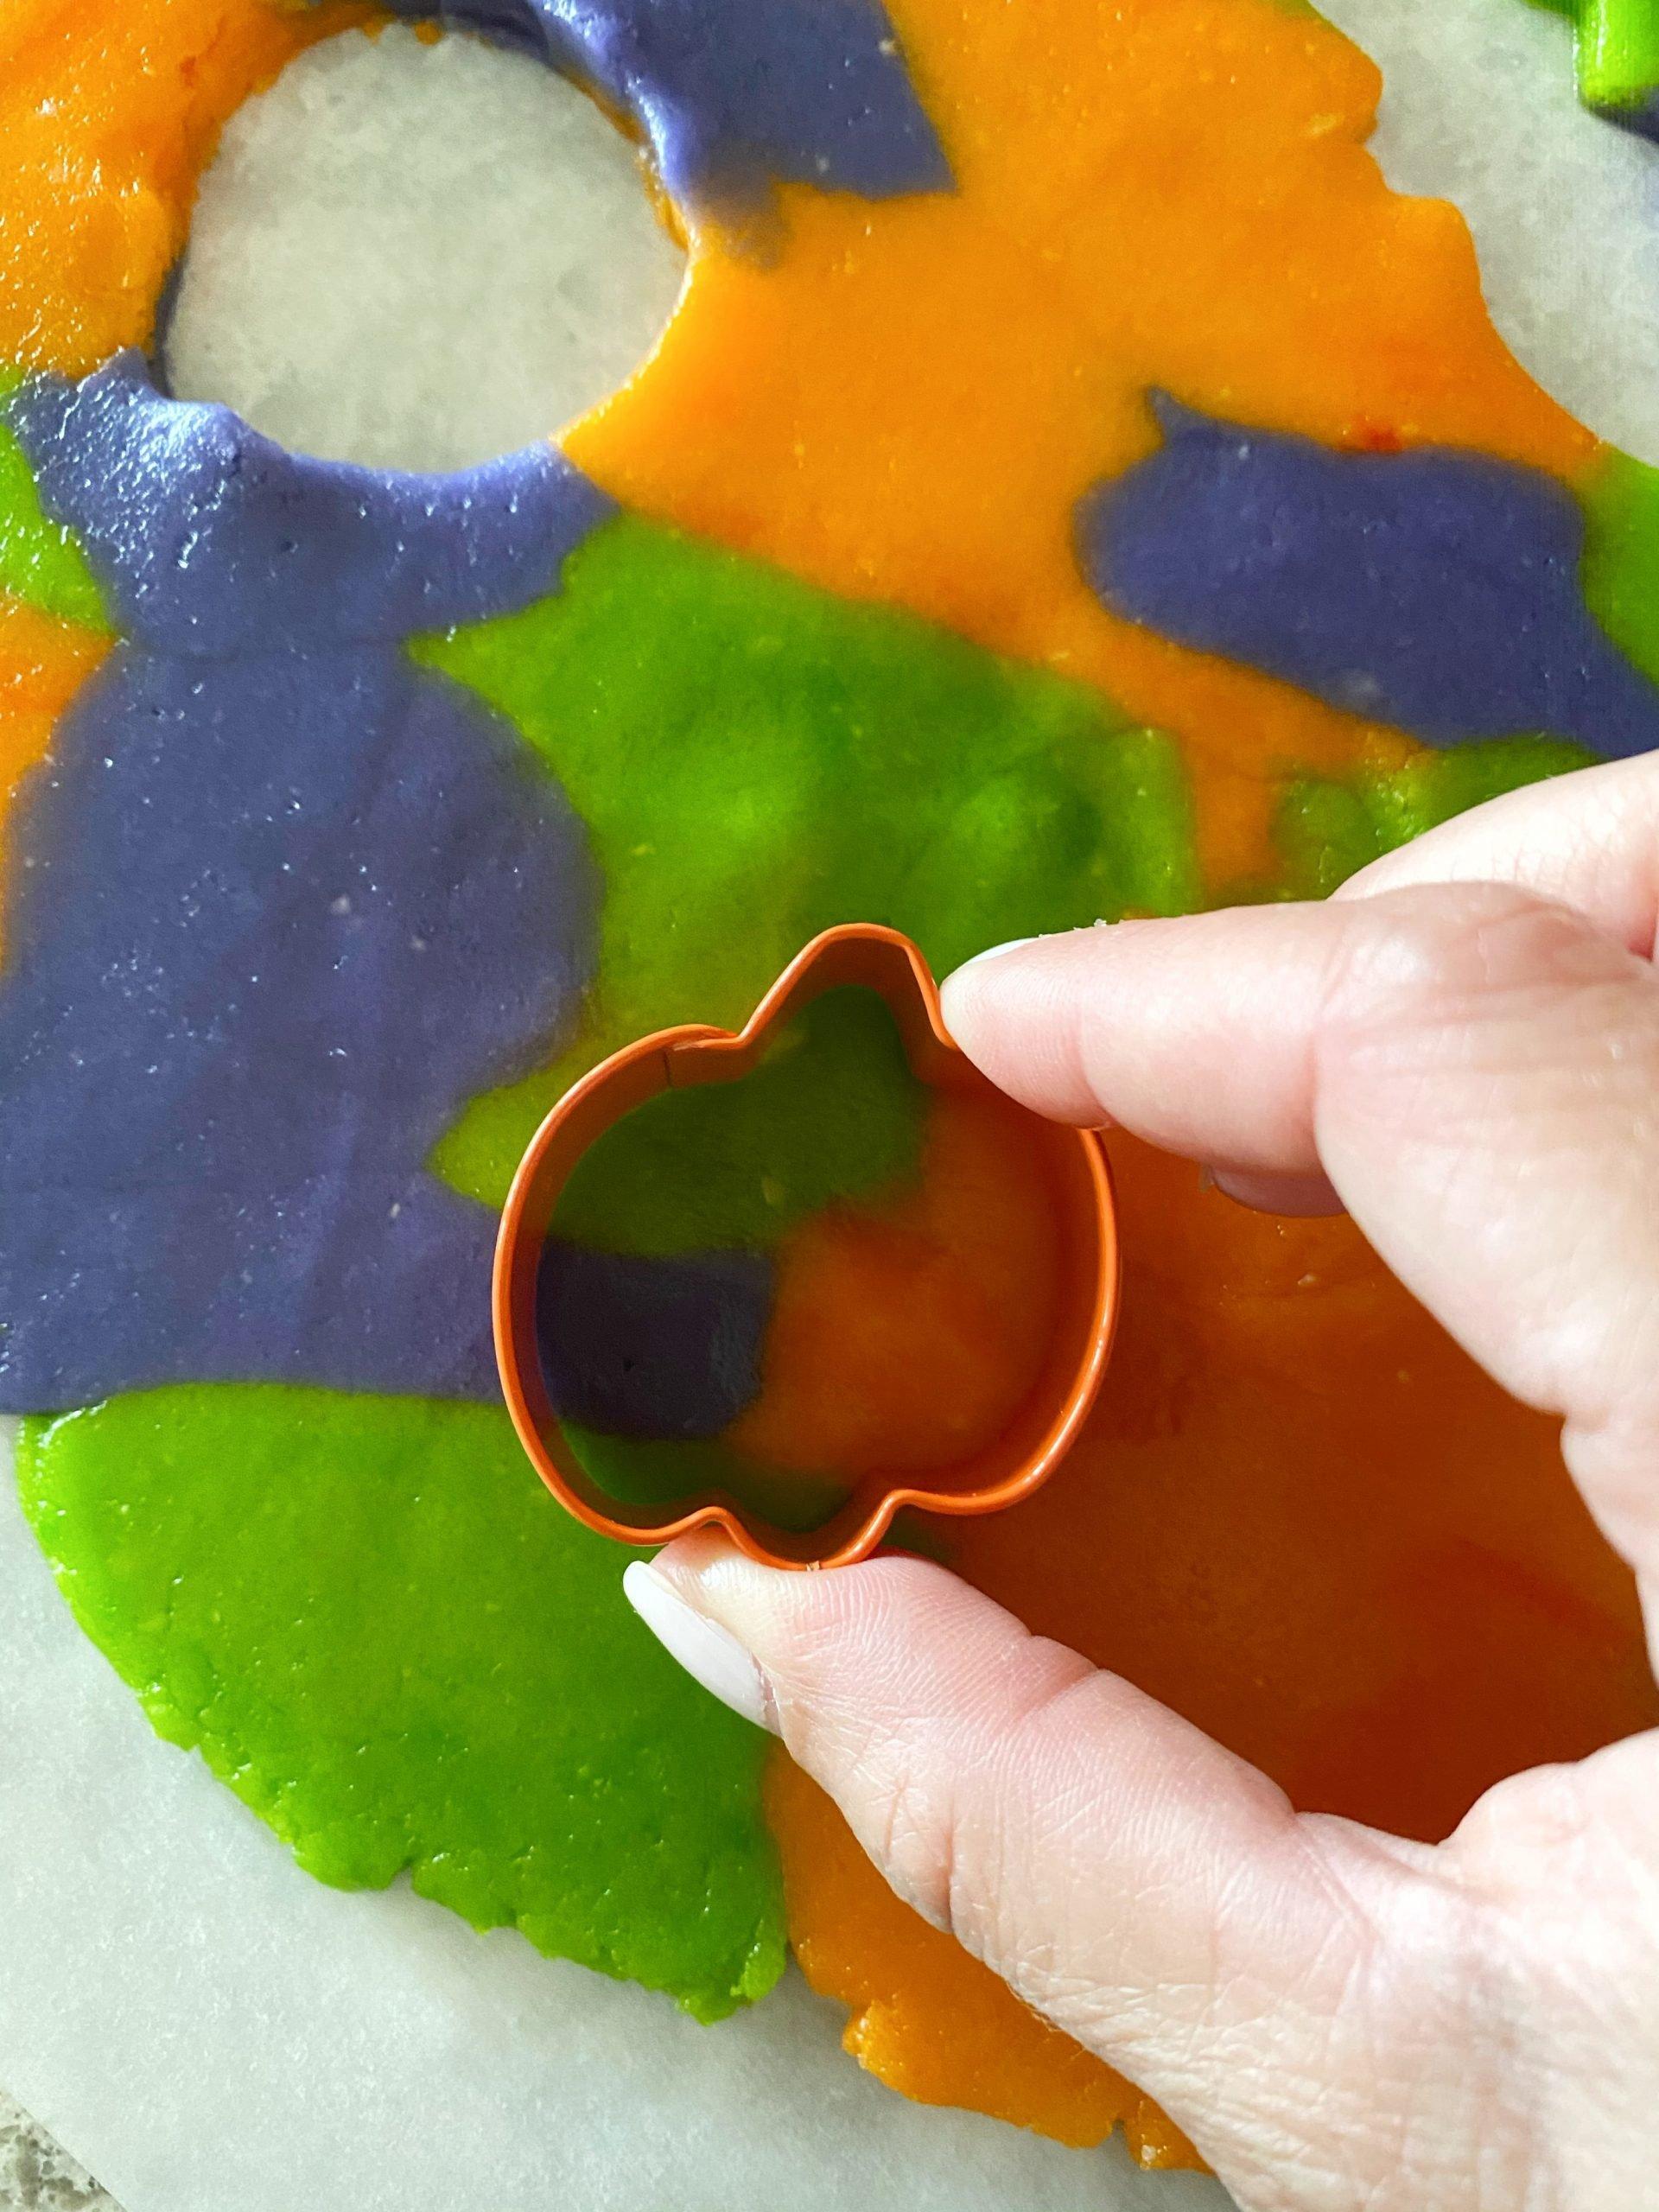 pumpkin cookie cutter on cookie dough